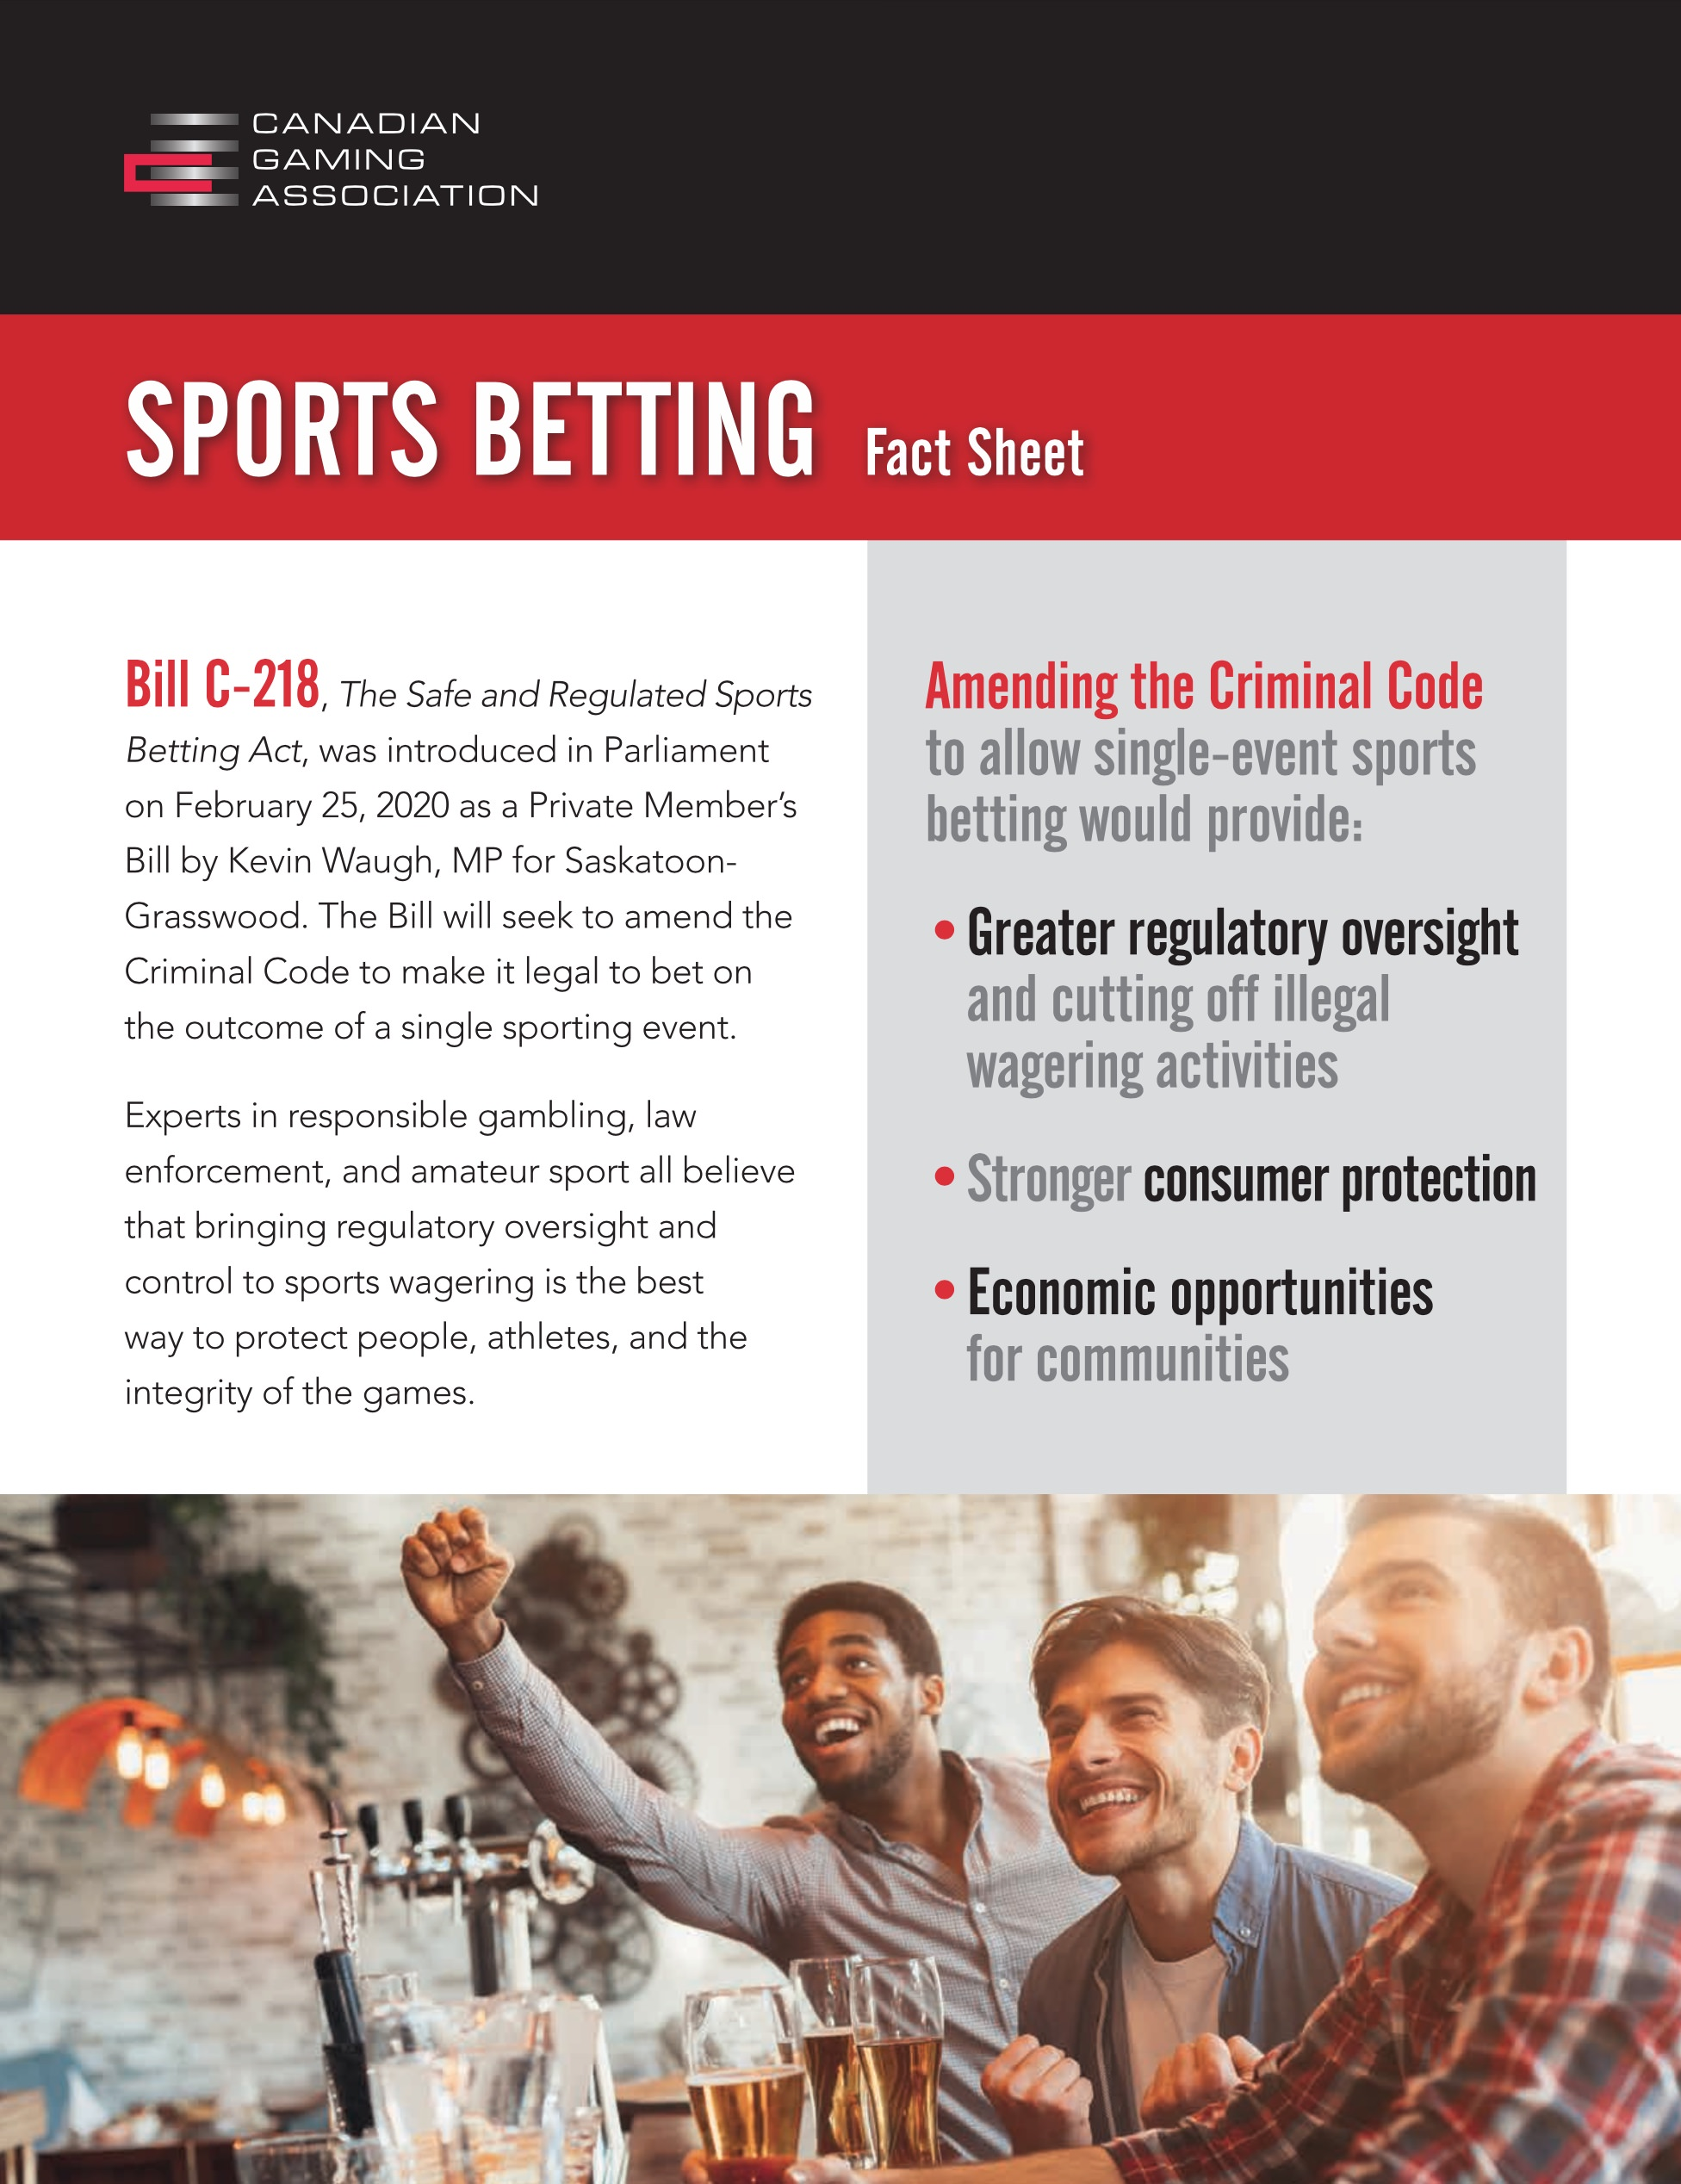 CGA Sports Betting Fact Sheet